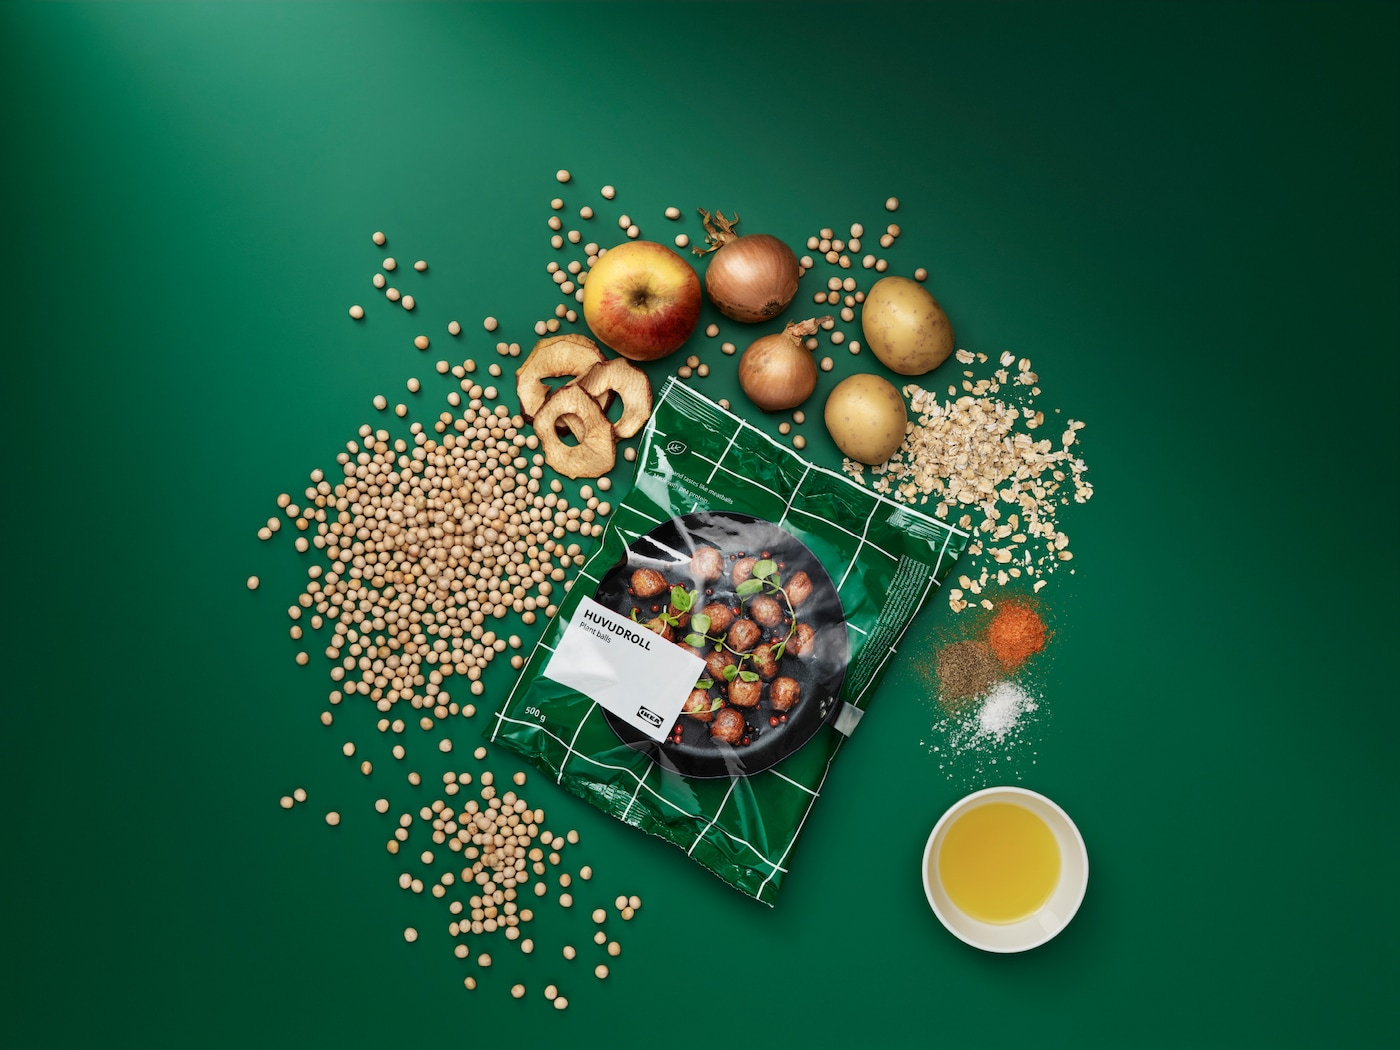 Un paquet de boulettes végétales HUVUDROLL entouré des ingrédients non préparés: pois, avoine, pommes de terre, oignons, pommes, épices.